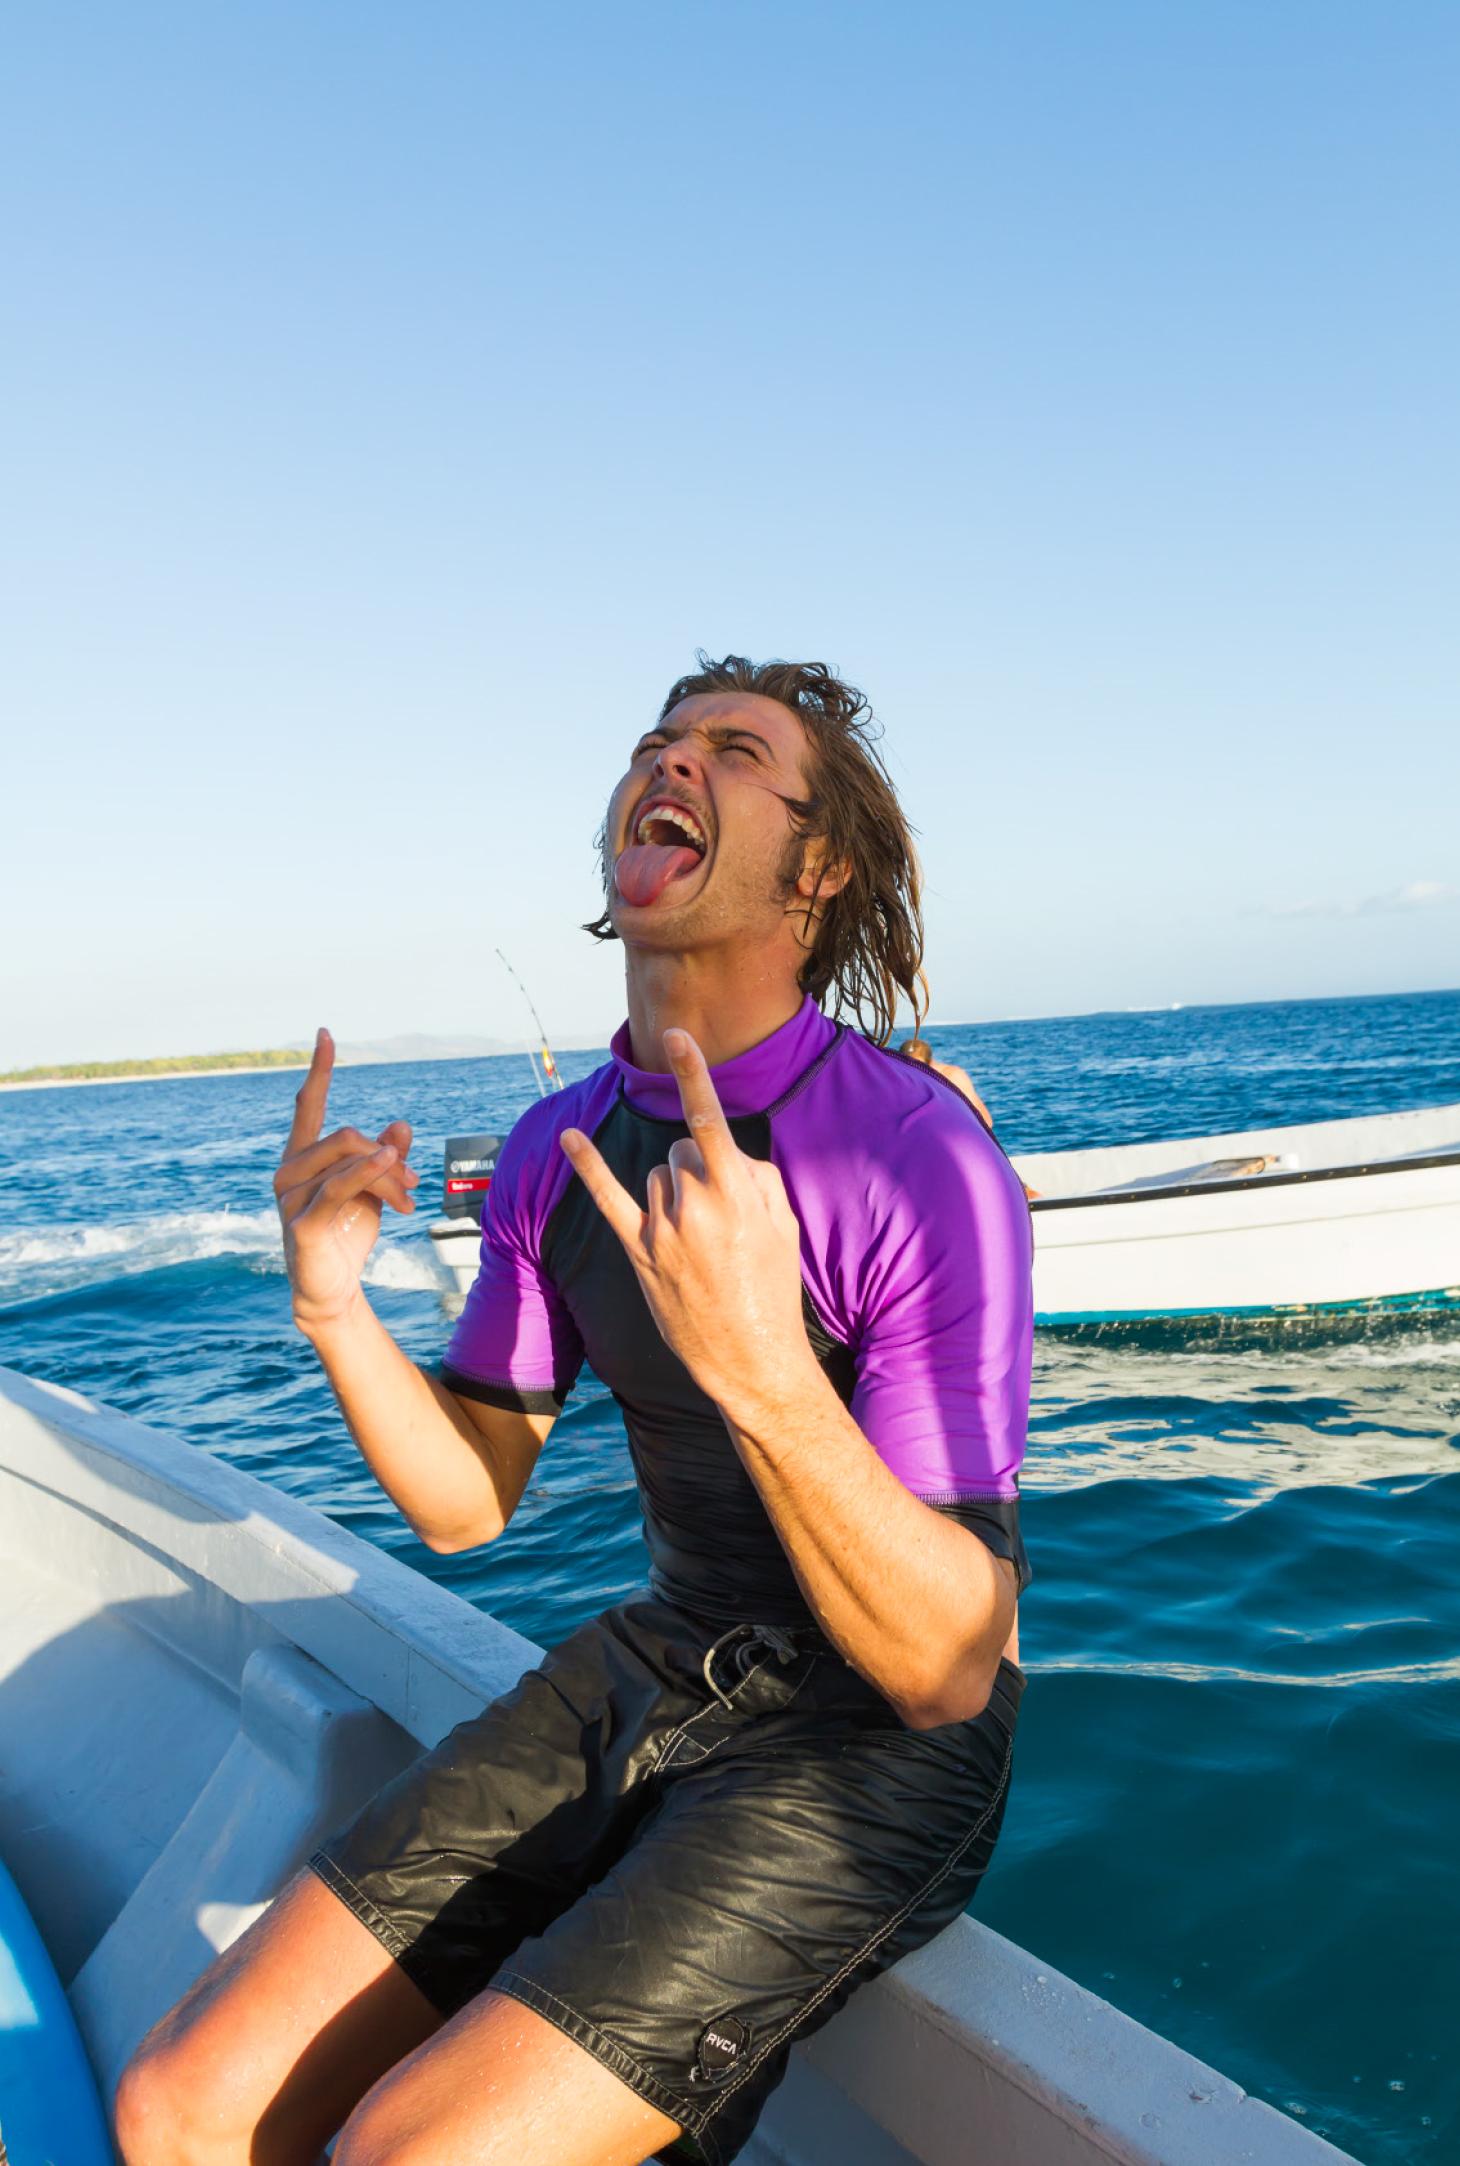 I Am Surf Film Festival-The Fun Boys-Beau Foster.jpg